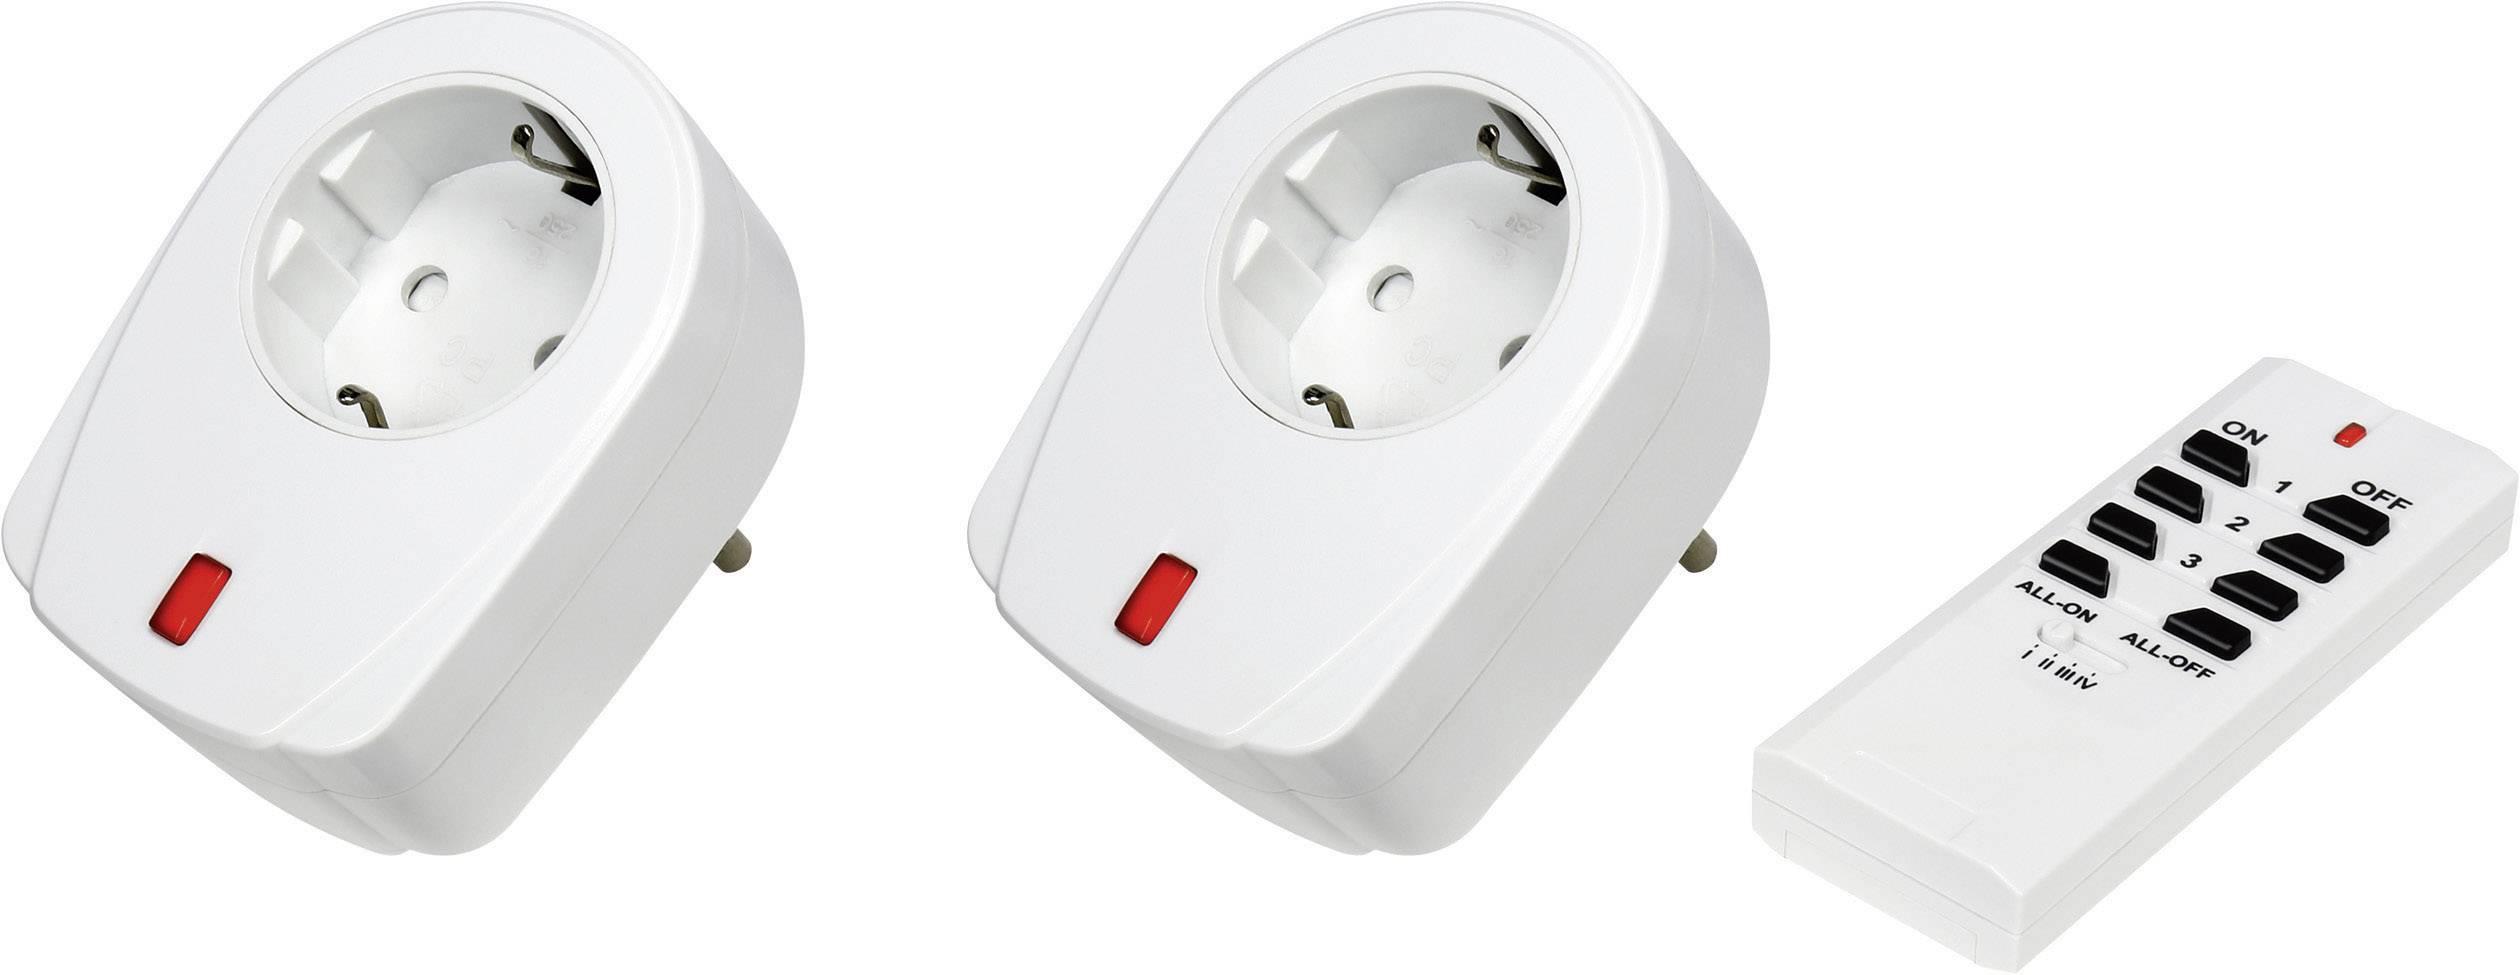 RSL sada bezdrôtových spínačov prepojovací konektor spínací výkon (max.) 2000 W max. dosah 30 m